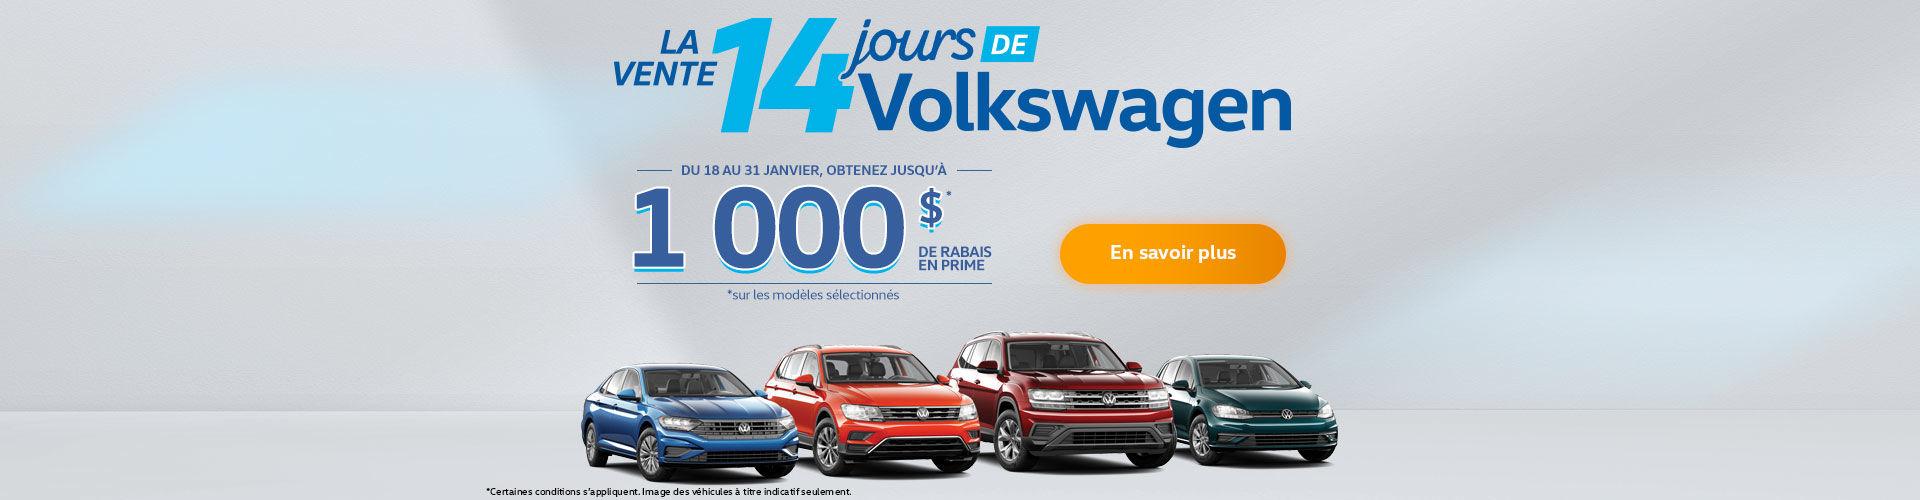 Événement salon de l'auto Volkswagen